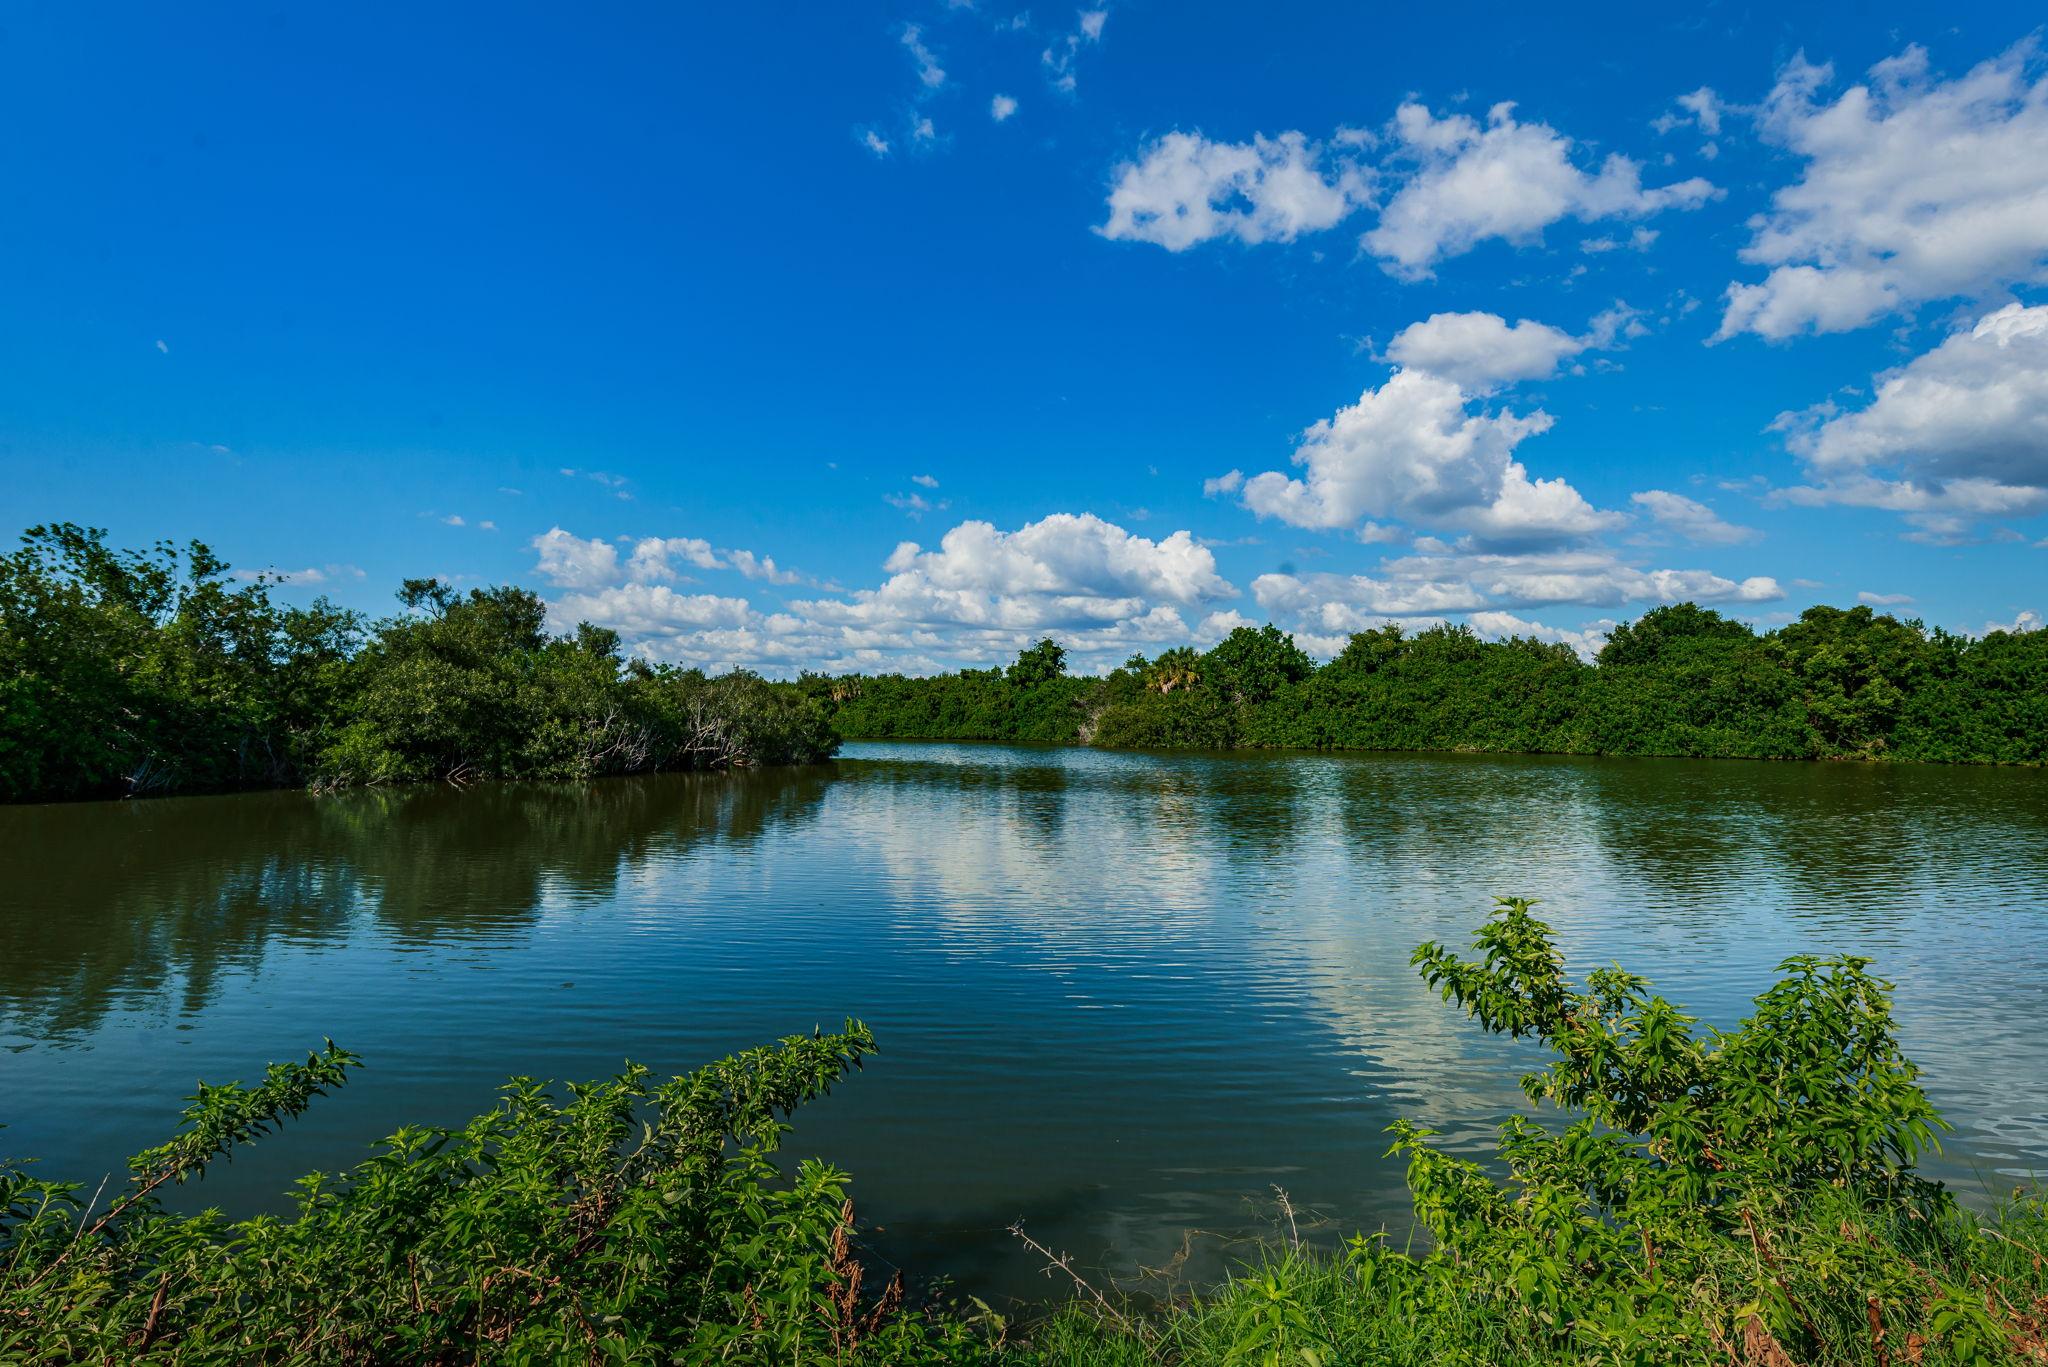 Backyard Water View